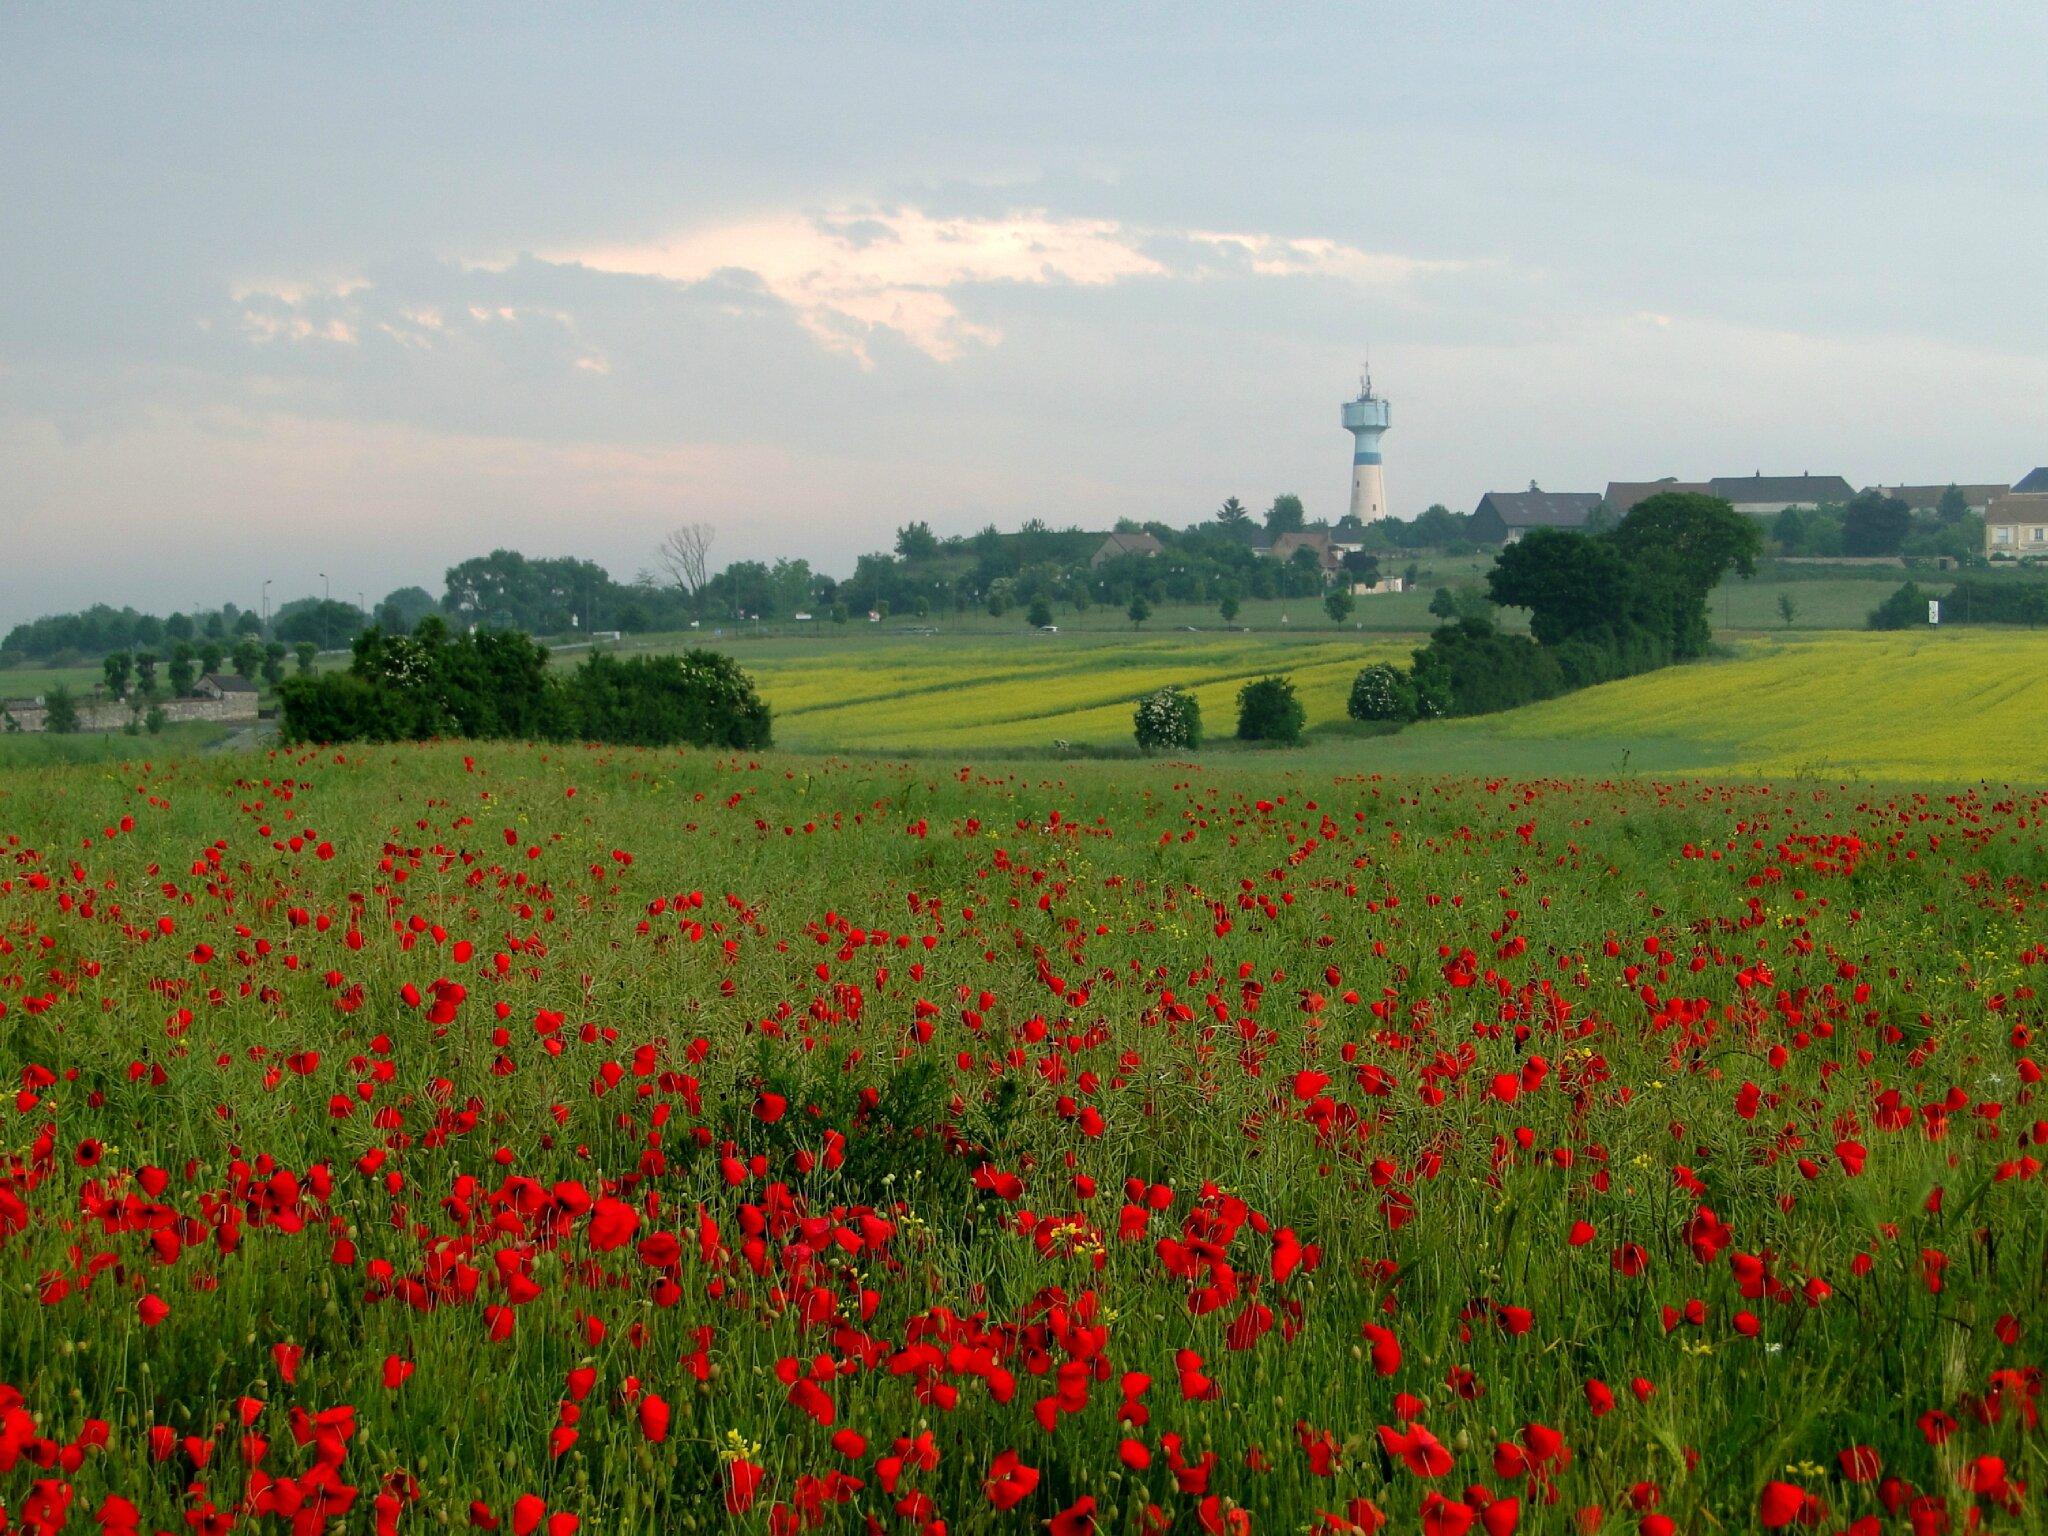 champs rouge coquelicots photo fleurs rouges juin blé jaunevalerie albertosi